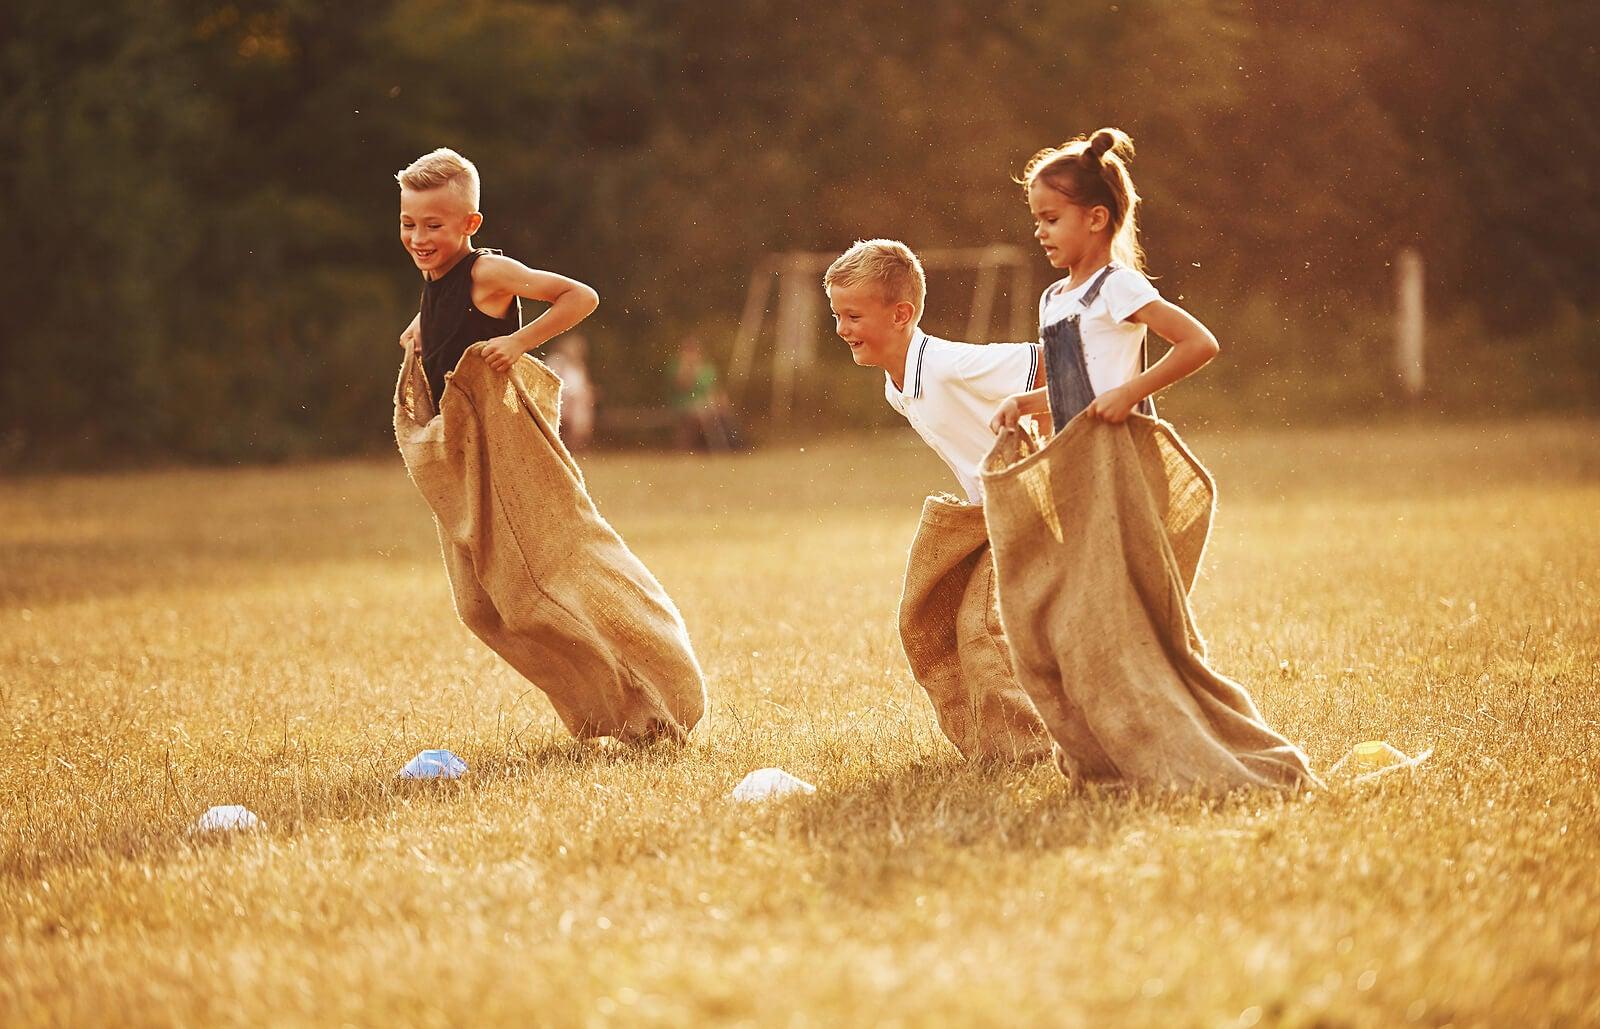 Niño haciendo una carrera de sacos, una de las actividades deportivas divertidas para niños.